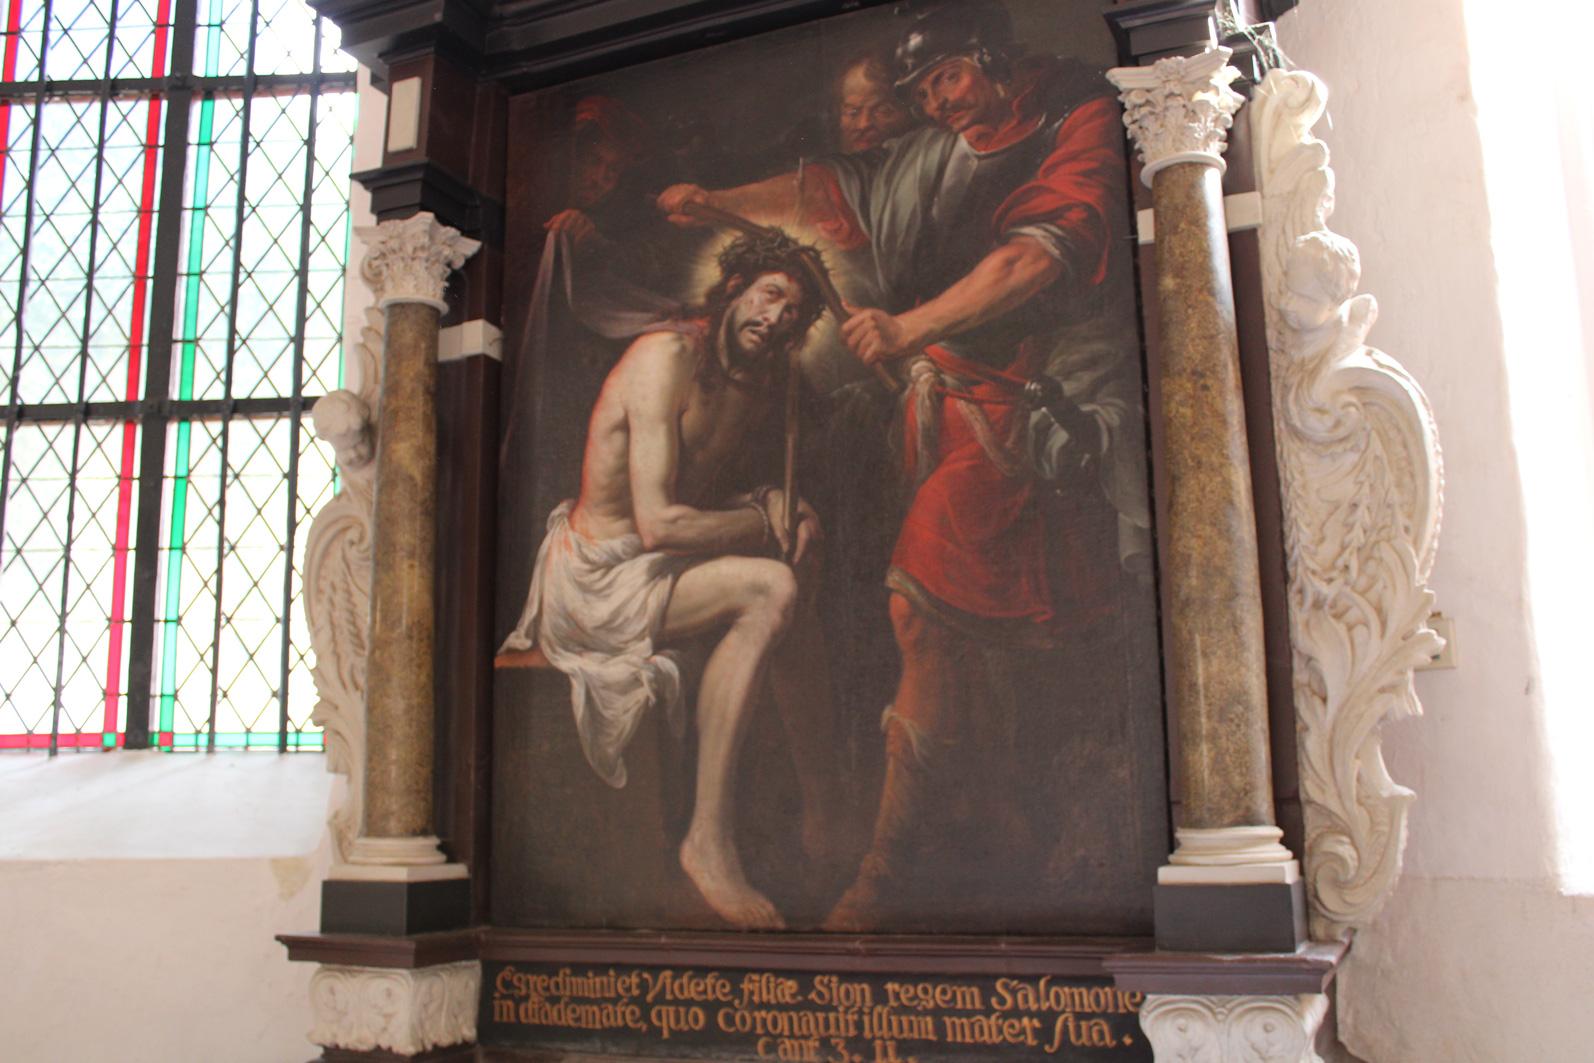 Rycerze nakładają koronę cierniową obraz Stecha